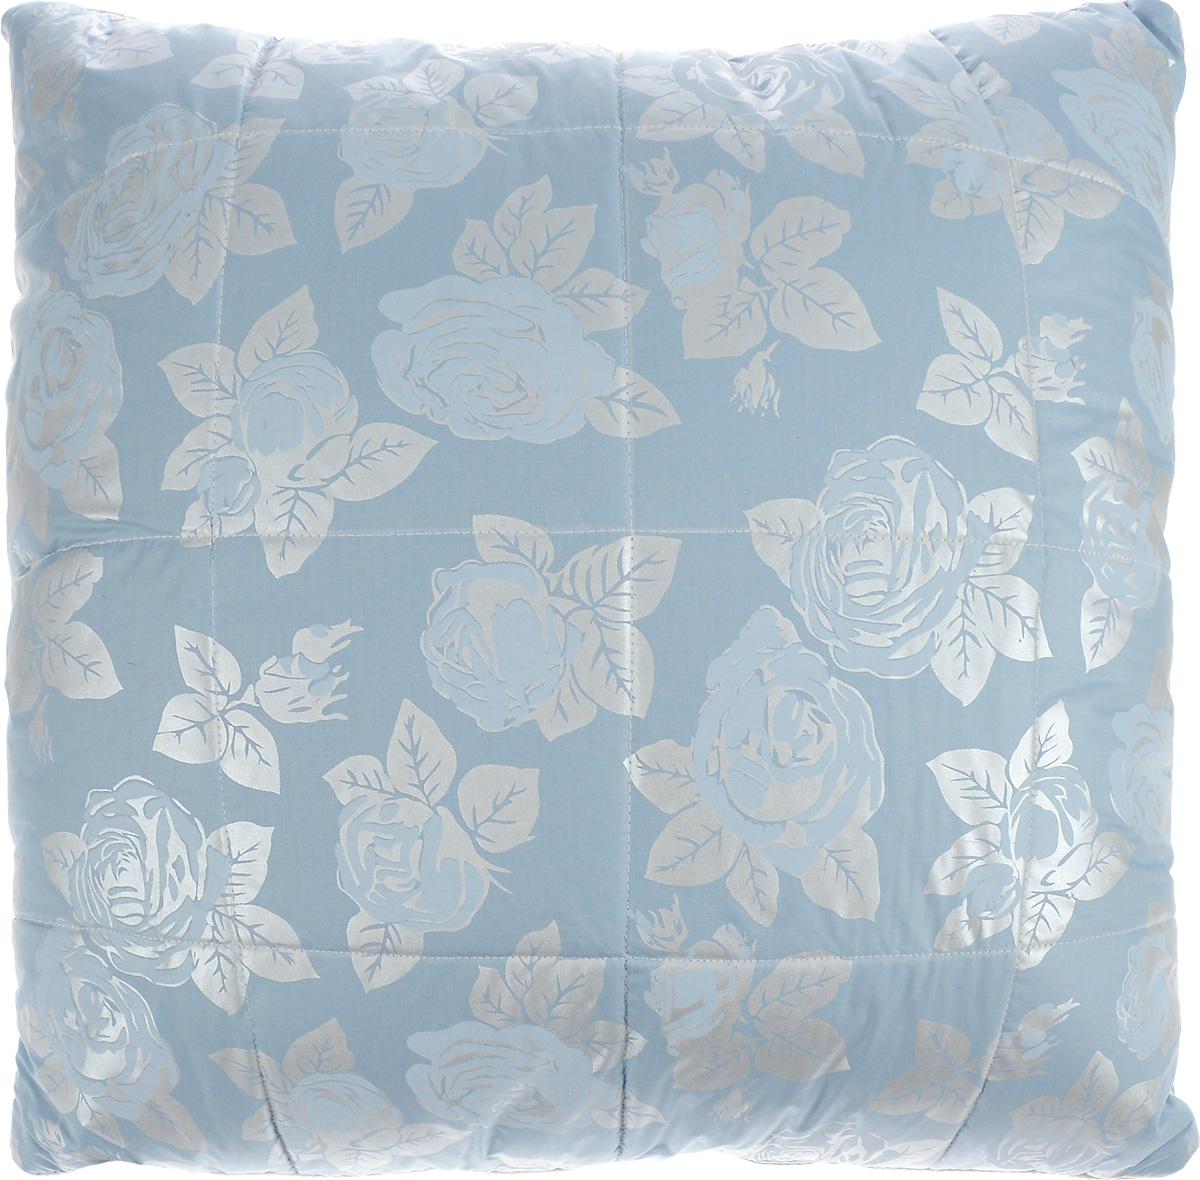 Подушка Smart Textile Combi, наполнитель: верблюжья шерсть + бамбуковое волокно, 70 х 70 смК572Подушка Smart Textile Combi - прекрасный вариант длявашего здорового сна. Изделие имеет двойнойнаполнитель - верблюжья шерсть и бамбуковое волокно.Чехол выполнен из простеганной хлопчатобумажнойткани с верблюжьей шерстью. Верблюжья шерстьславится своим прекрасным согревающим эффектом,так как способна долгое время сохранять тепло. Онапомогает снять стресс и улучшить сон. Помимо этого,такая шерсть отличается терморегулирующим свойствоми гигроскопичностью, то есть отлично пропускает воздухблагодаря структуре своих волосков.Основной наполнитель подушки - бамбуковое волокно,которое отличается прекрасной вентилирующейспособностью и антибактериальными свойствами.Благодаря такому сочетанию верблюжьей шерсти ибамбукового волокна подушка Smart Textile Combiполучается очень мягкой, теплой, что делает ееидеальной для сна и отдыха.